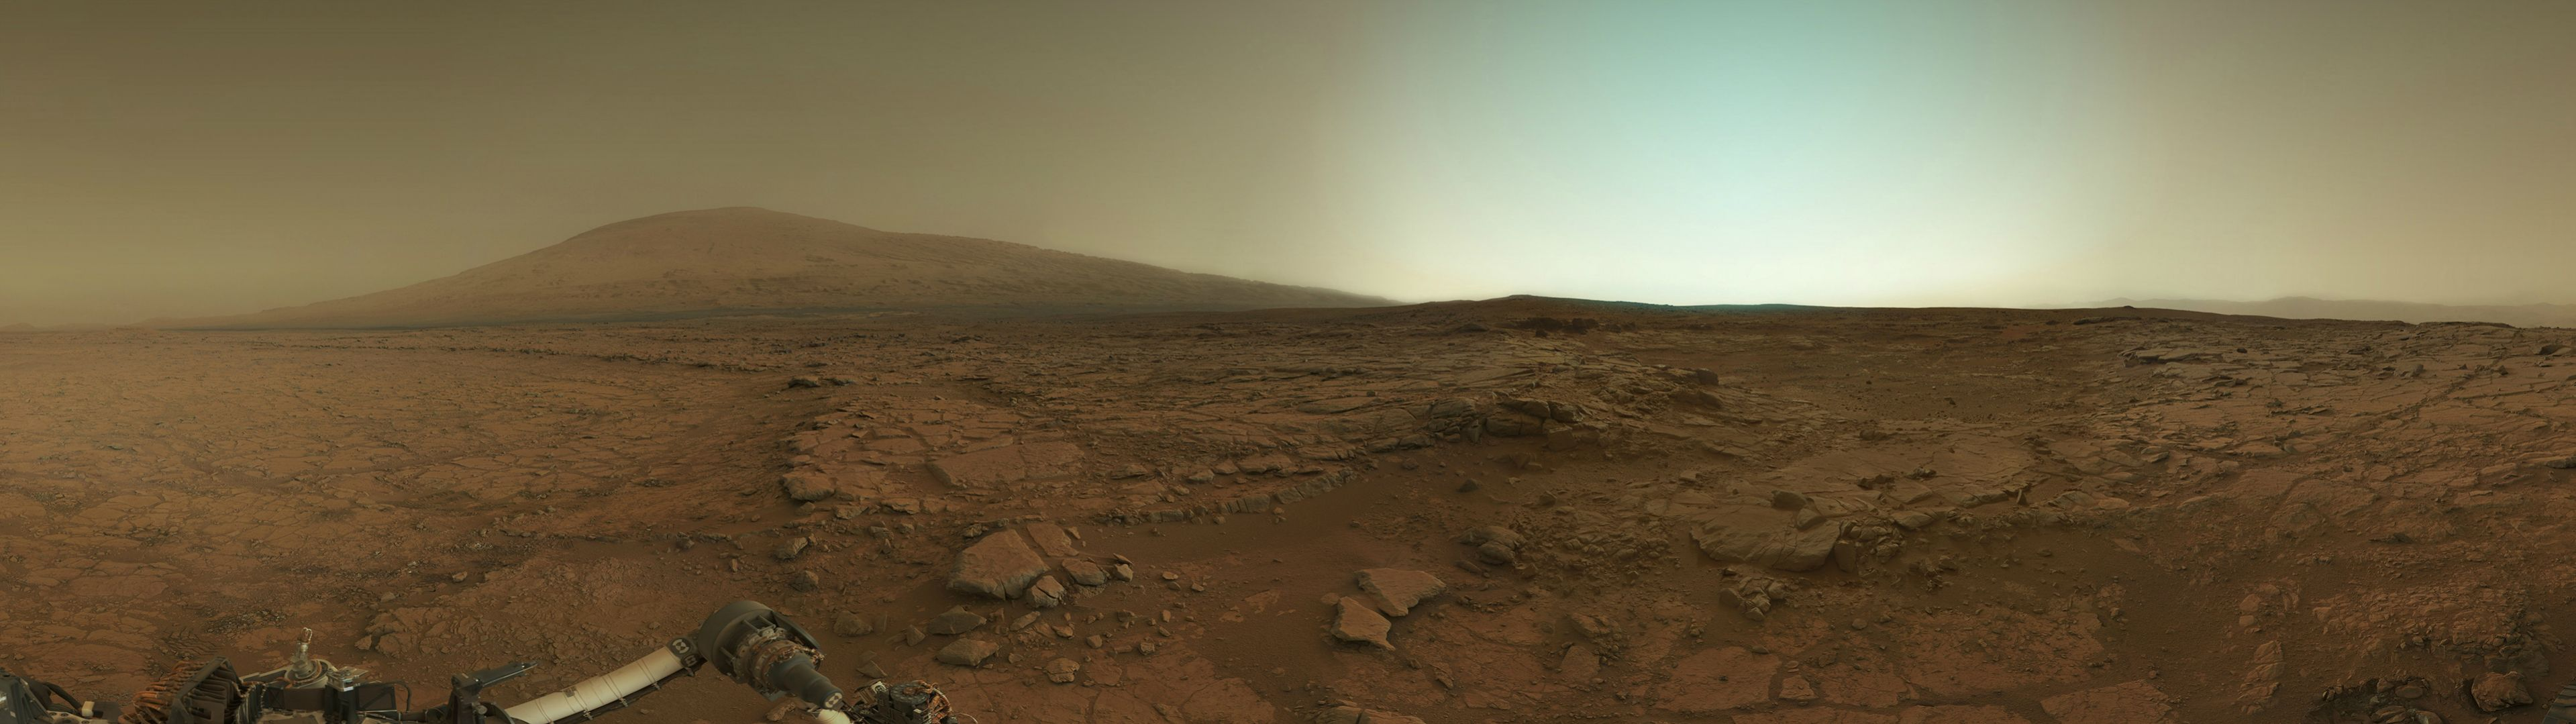 Mars-Curiosity-Panorama-Dual-Monitor-x-1080-wallpaper-wp38011756